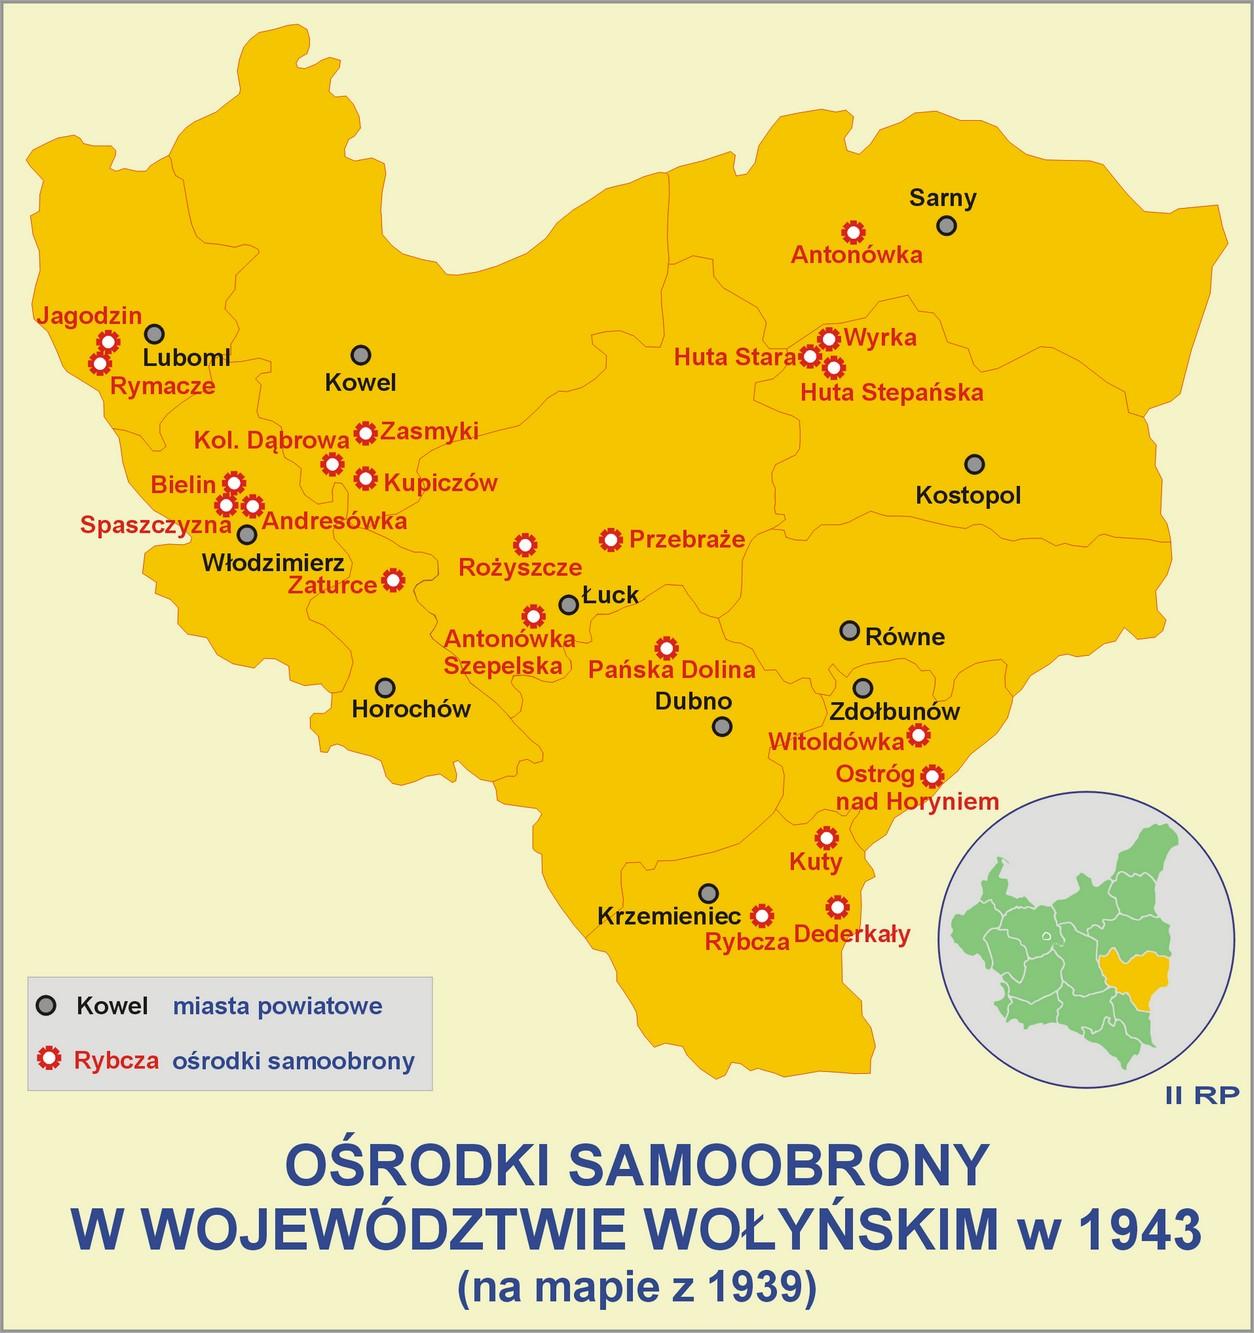 Ośrodki samoobrony w województwie wołyńskim 1943 roku. Stara Huta znajdowała się w powiecie kostopolskim.